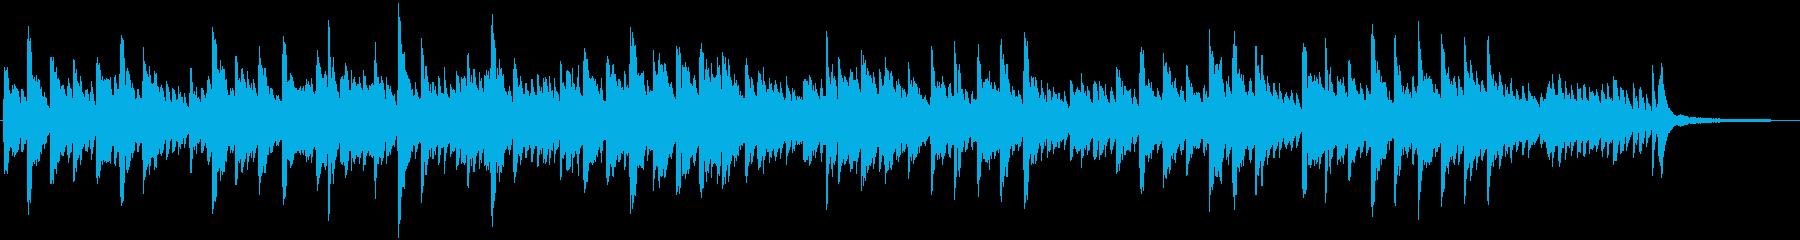 眠りを誘うピアノインストの再生済みの波形